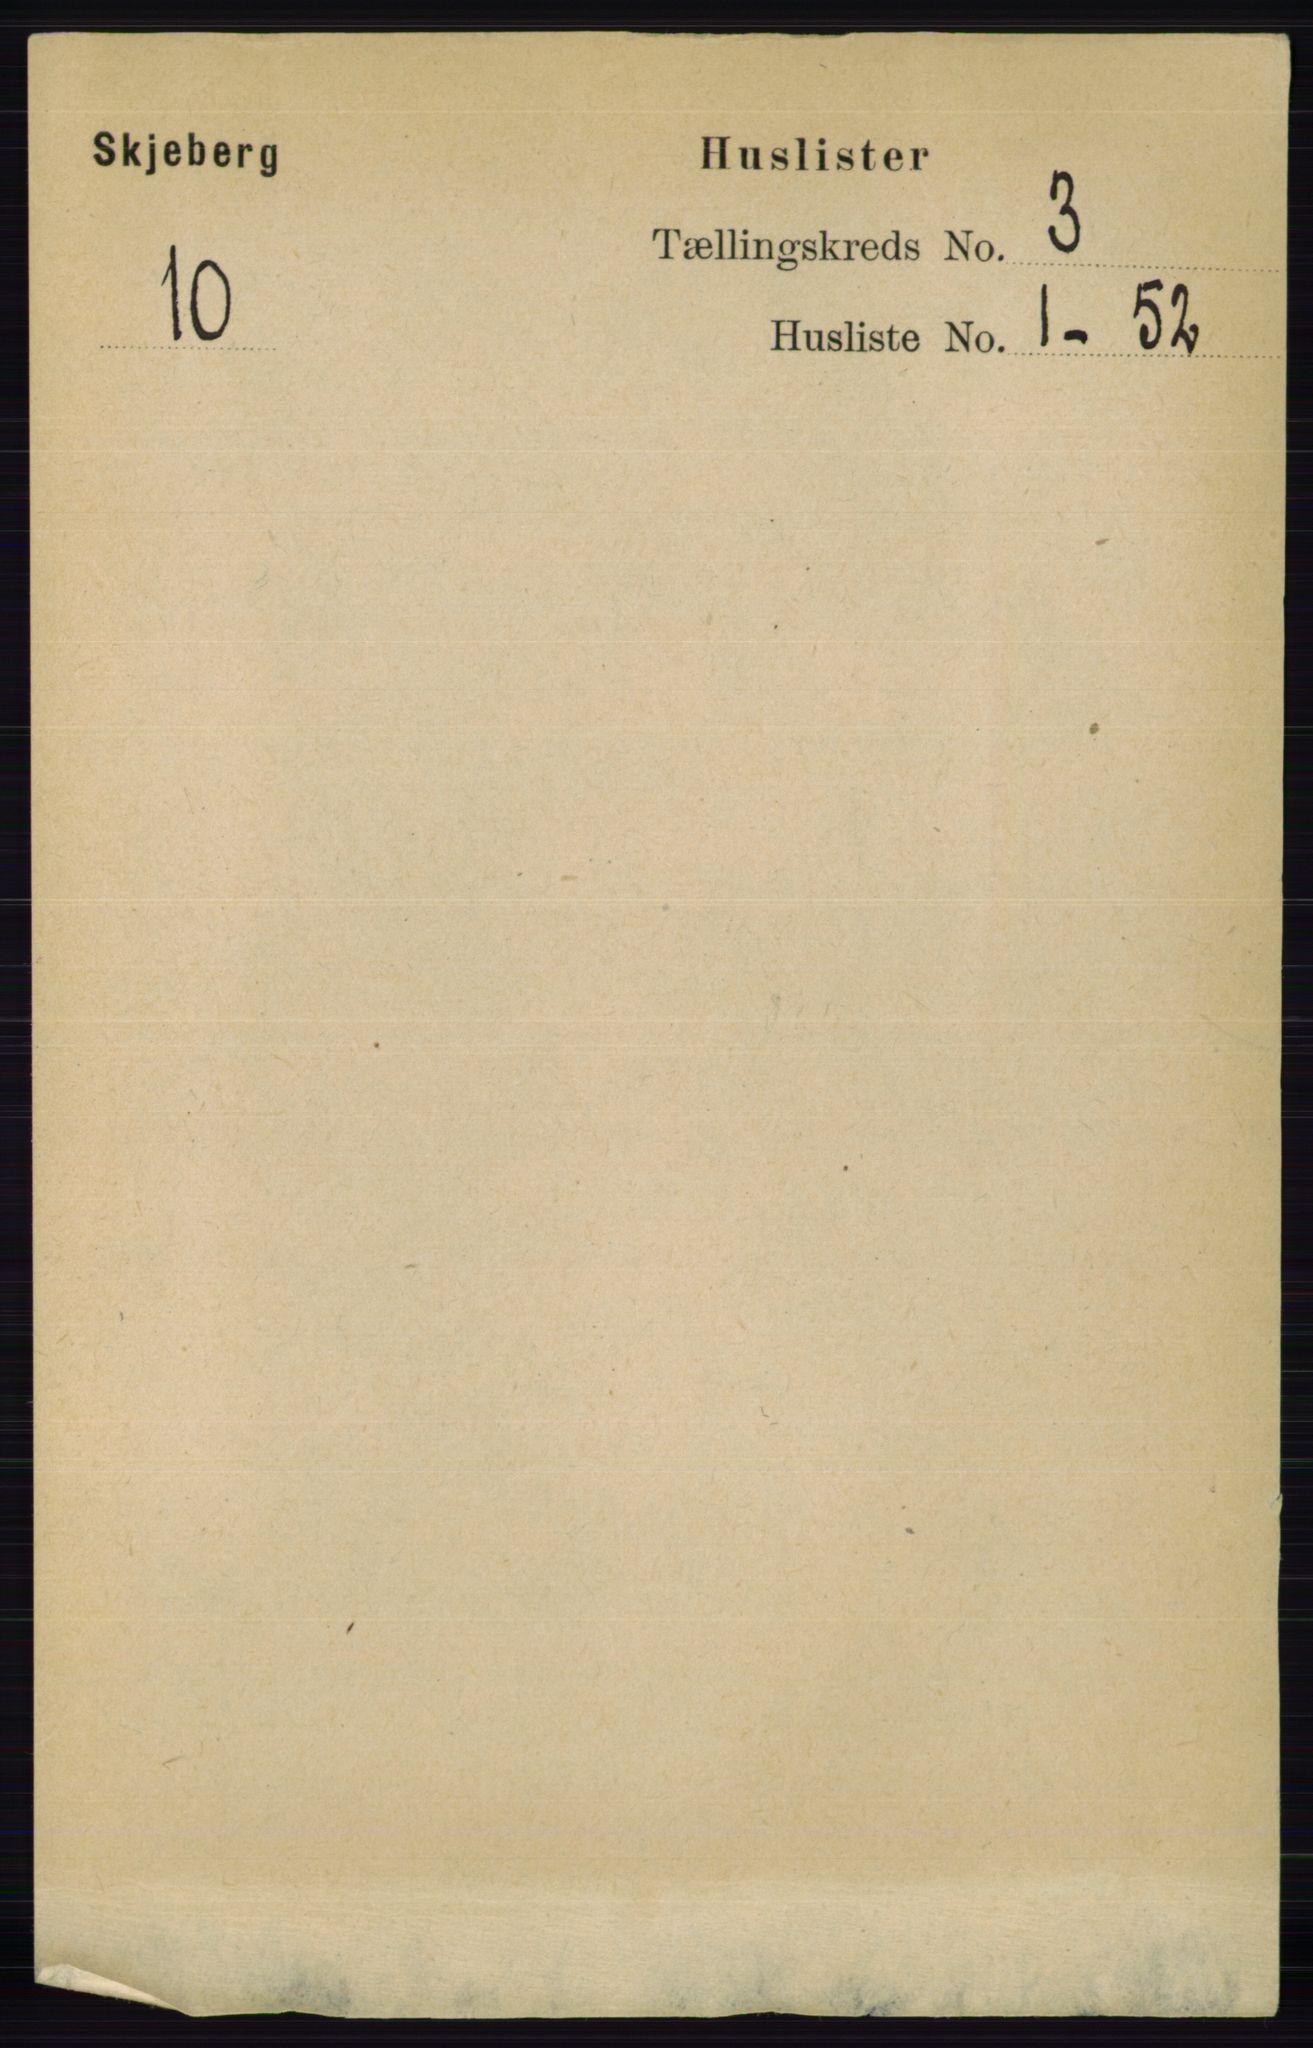 RA, Folketelling 1891 for 0115 Skjeberg herred, 1891, s. 1433